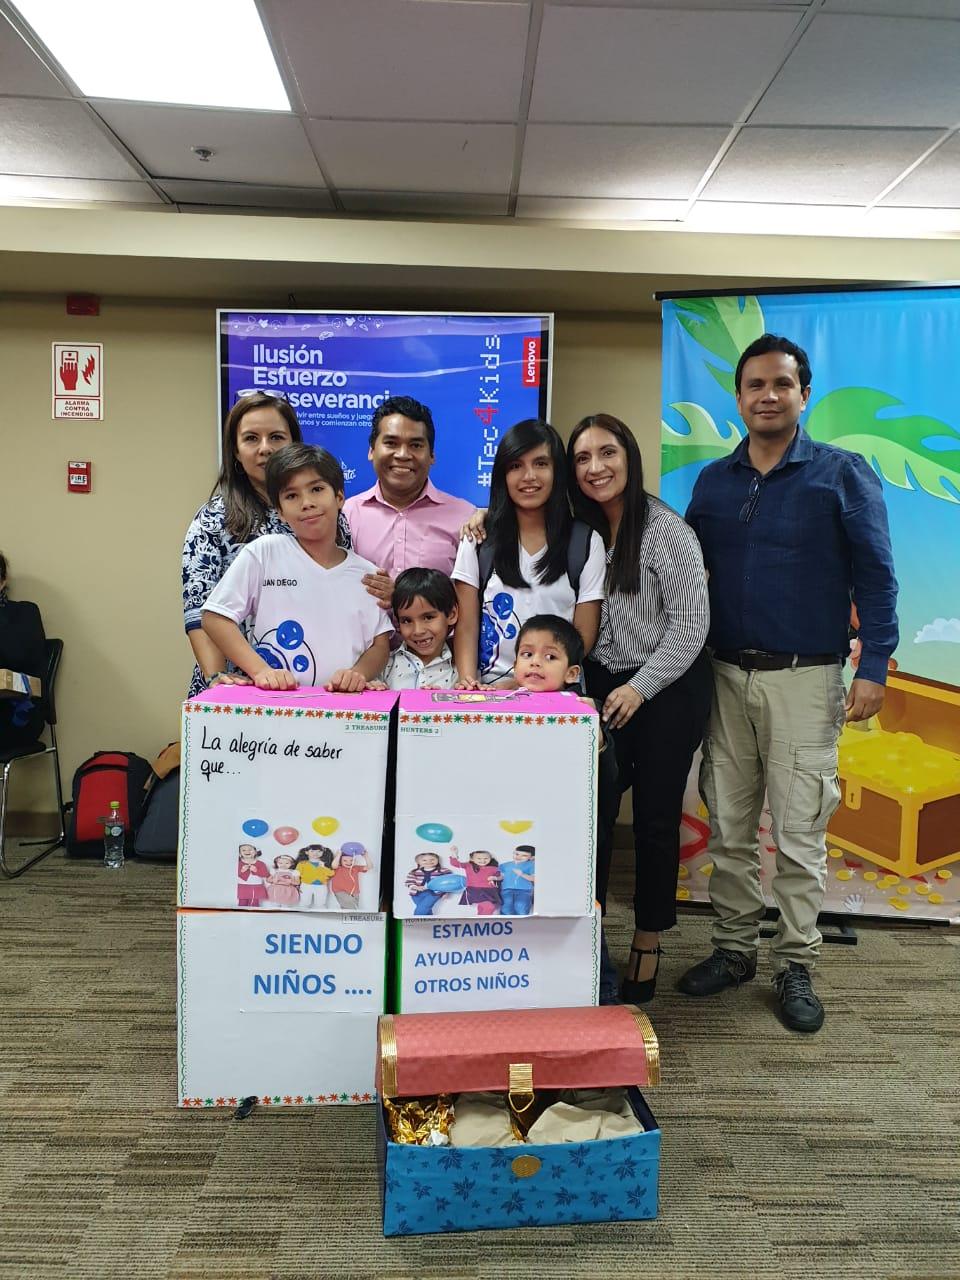 Alessandra y Juan Diego con familiares.